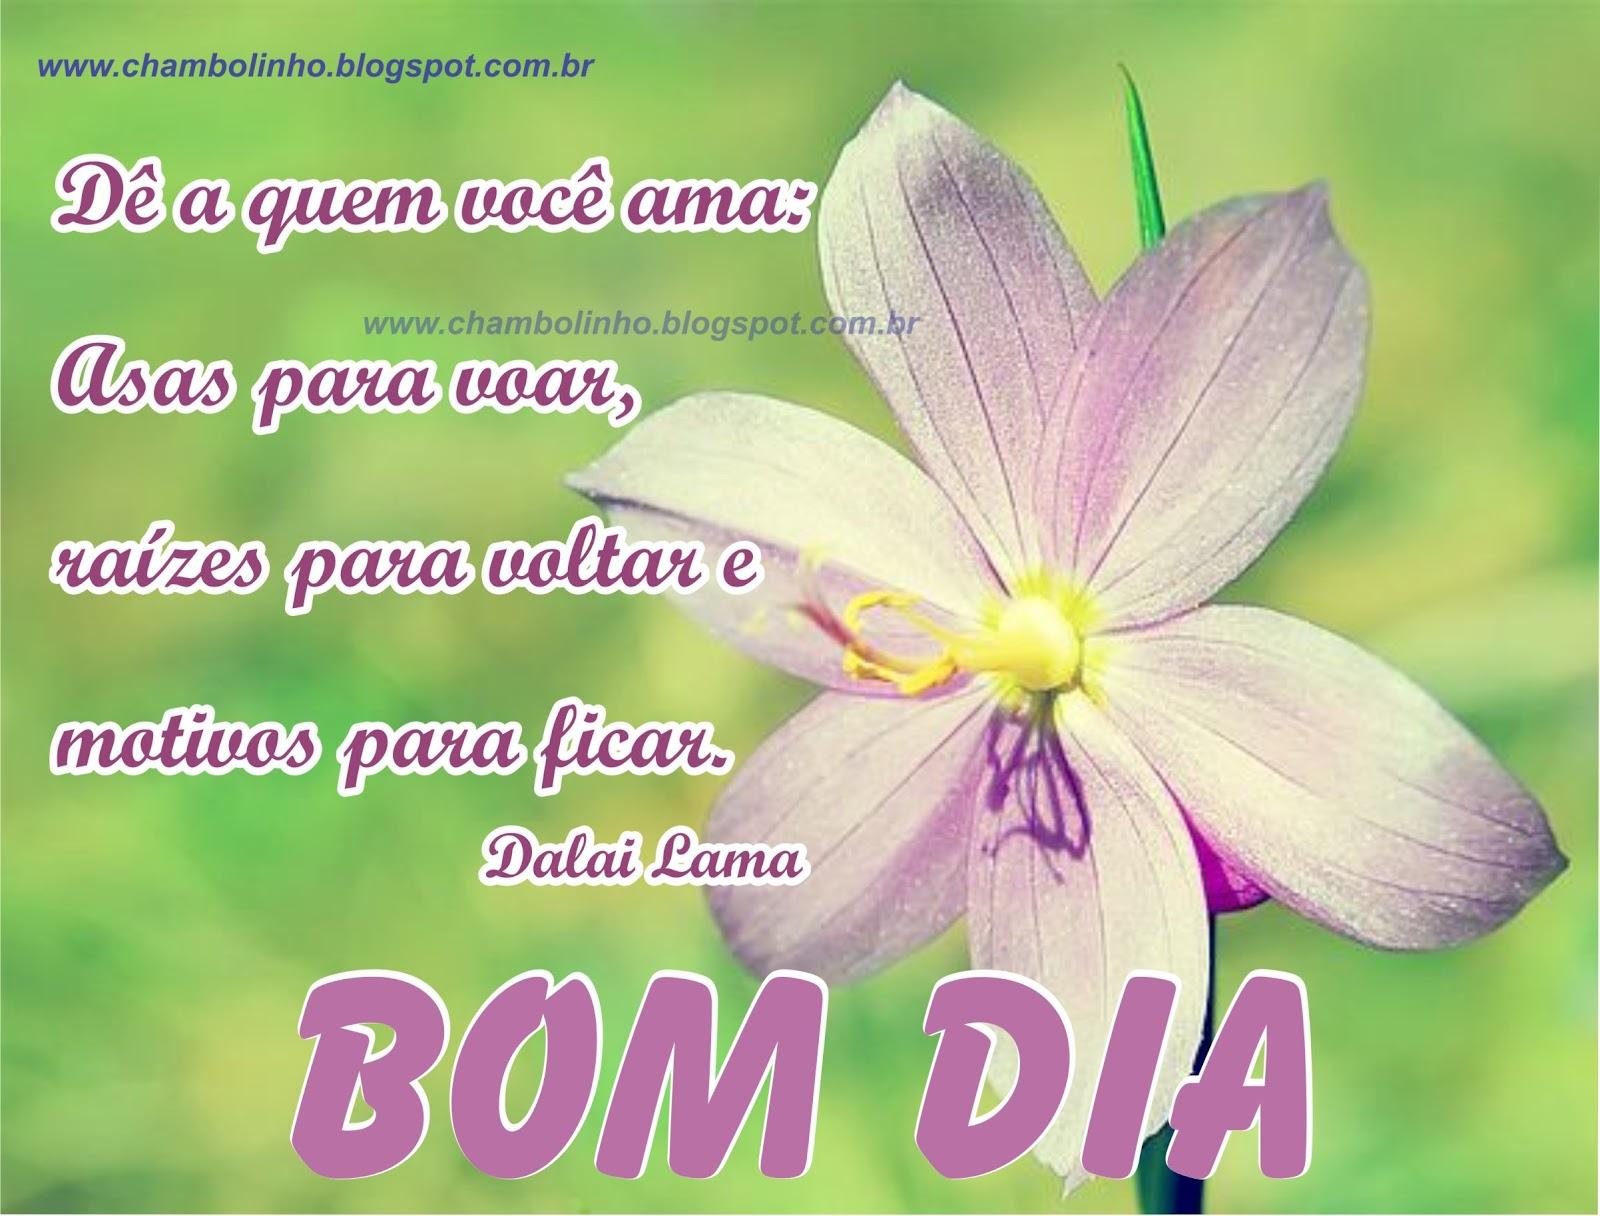 Imagens E Frases De Bom Dia Para Compartilhar No Facebook